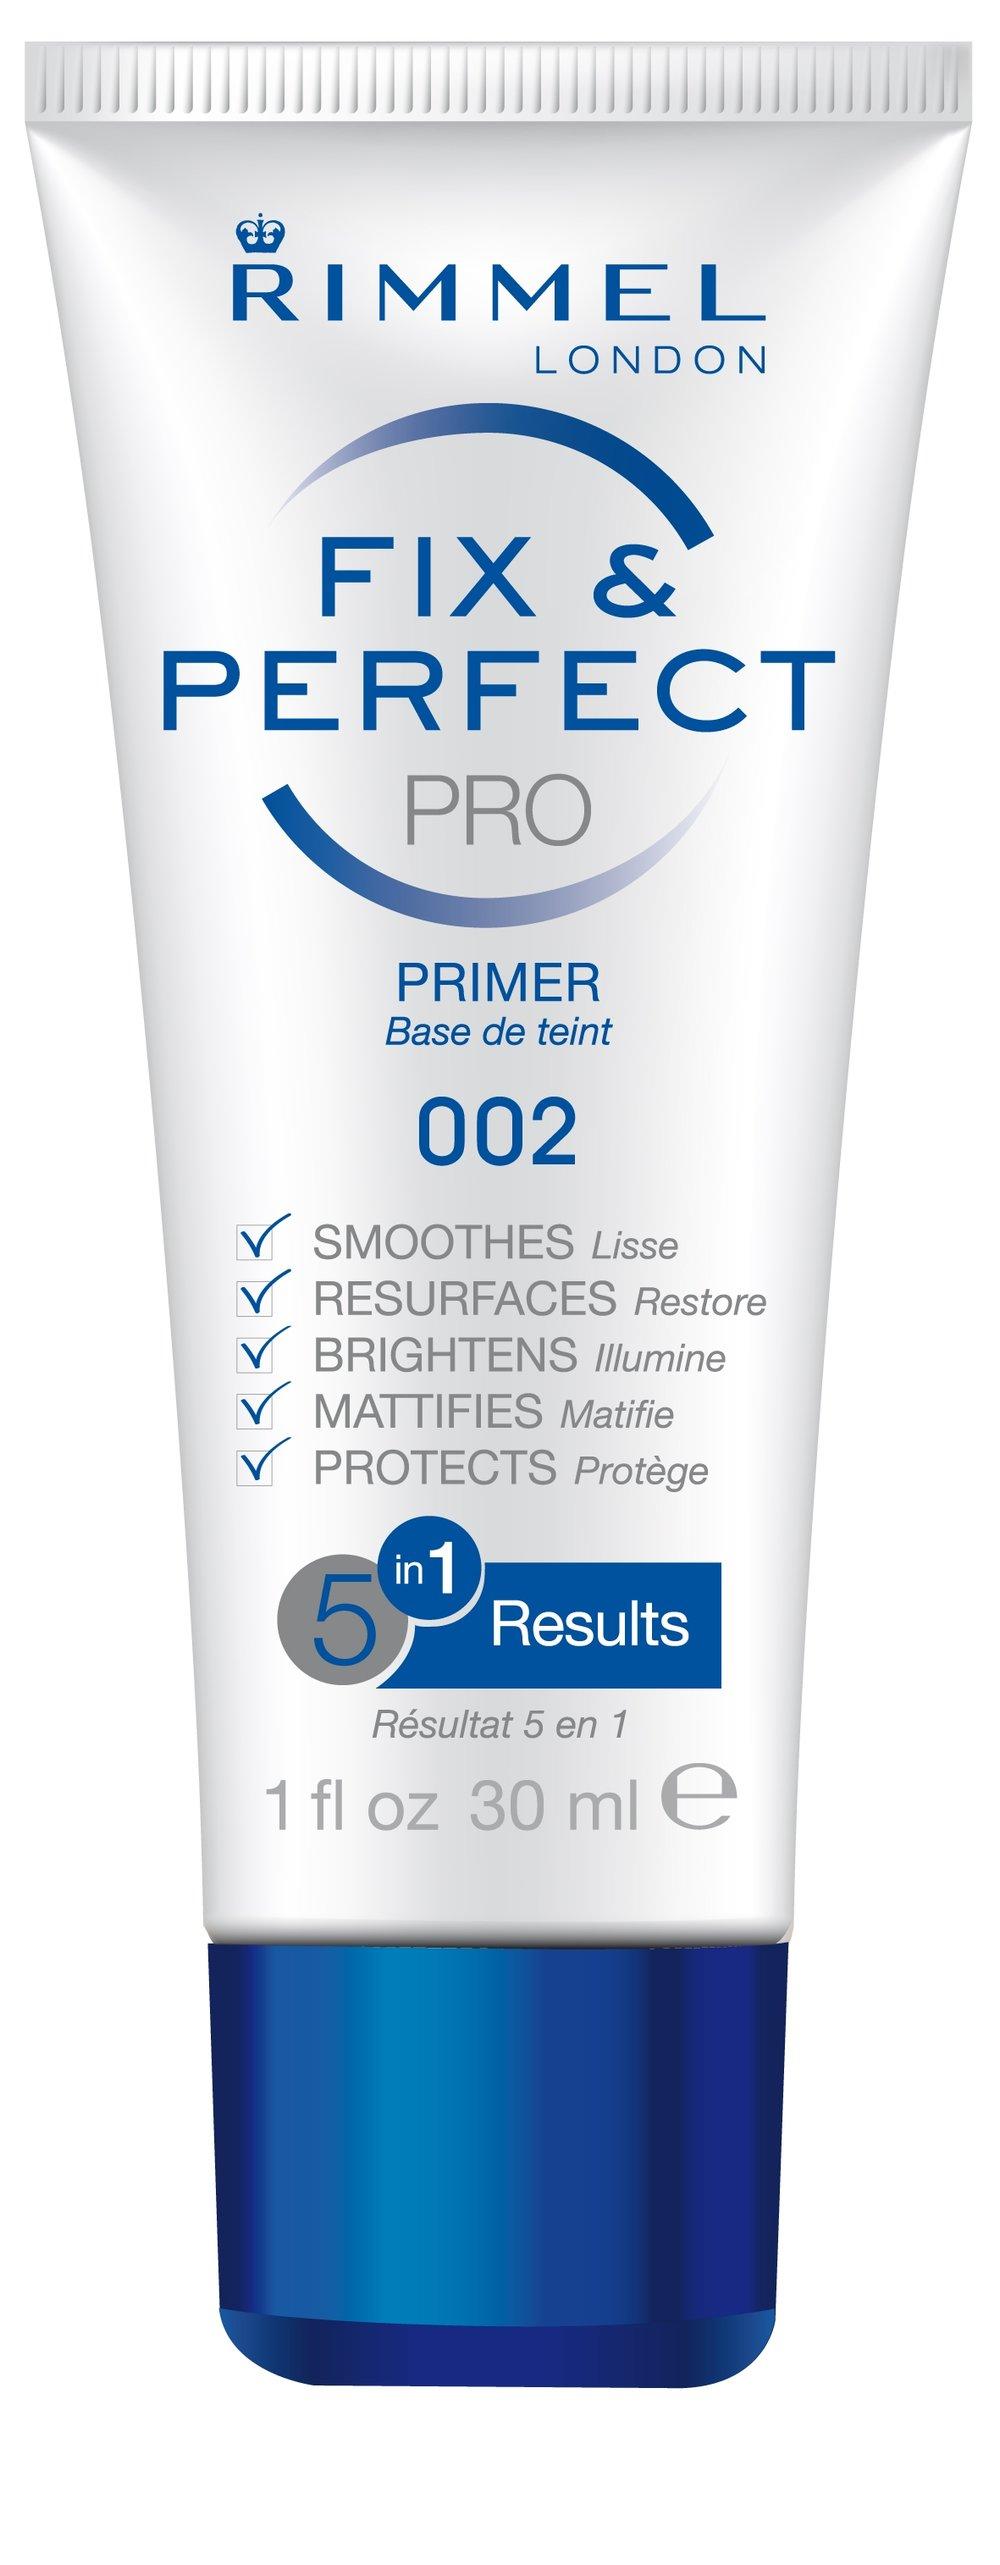 best-oily-skin-primer-rimmel